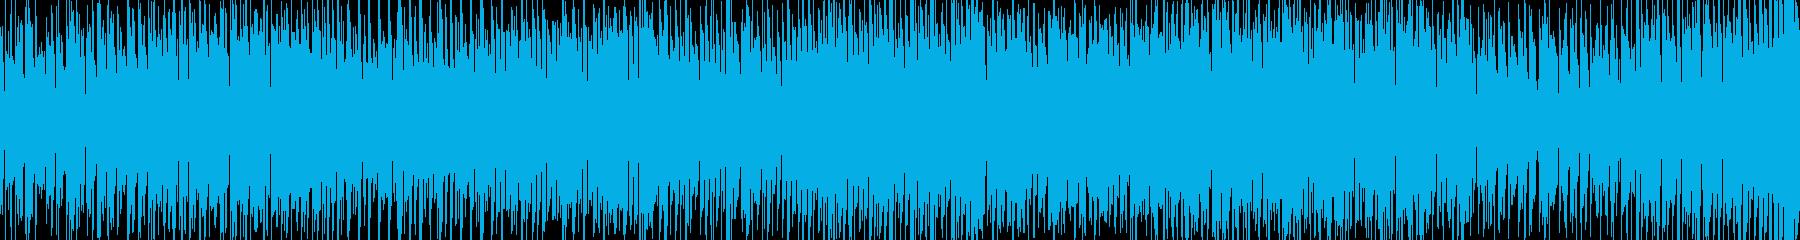 疾走感のあるEDM・ループ・ボイス・軽快の再生済みの波形